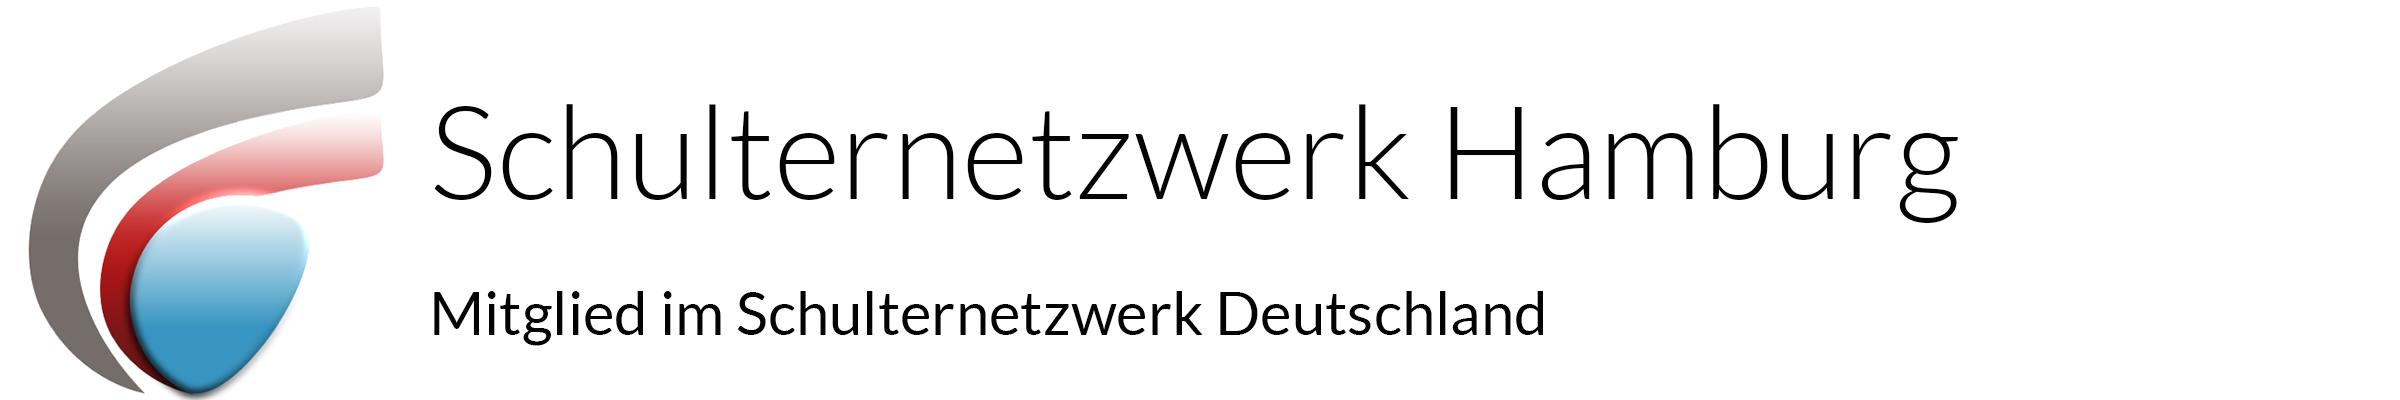 Schulternetzwerk Hamburg